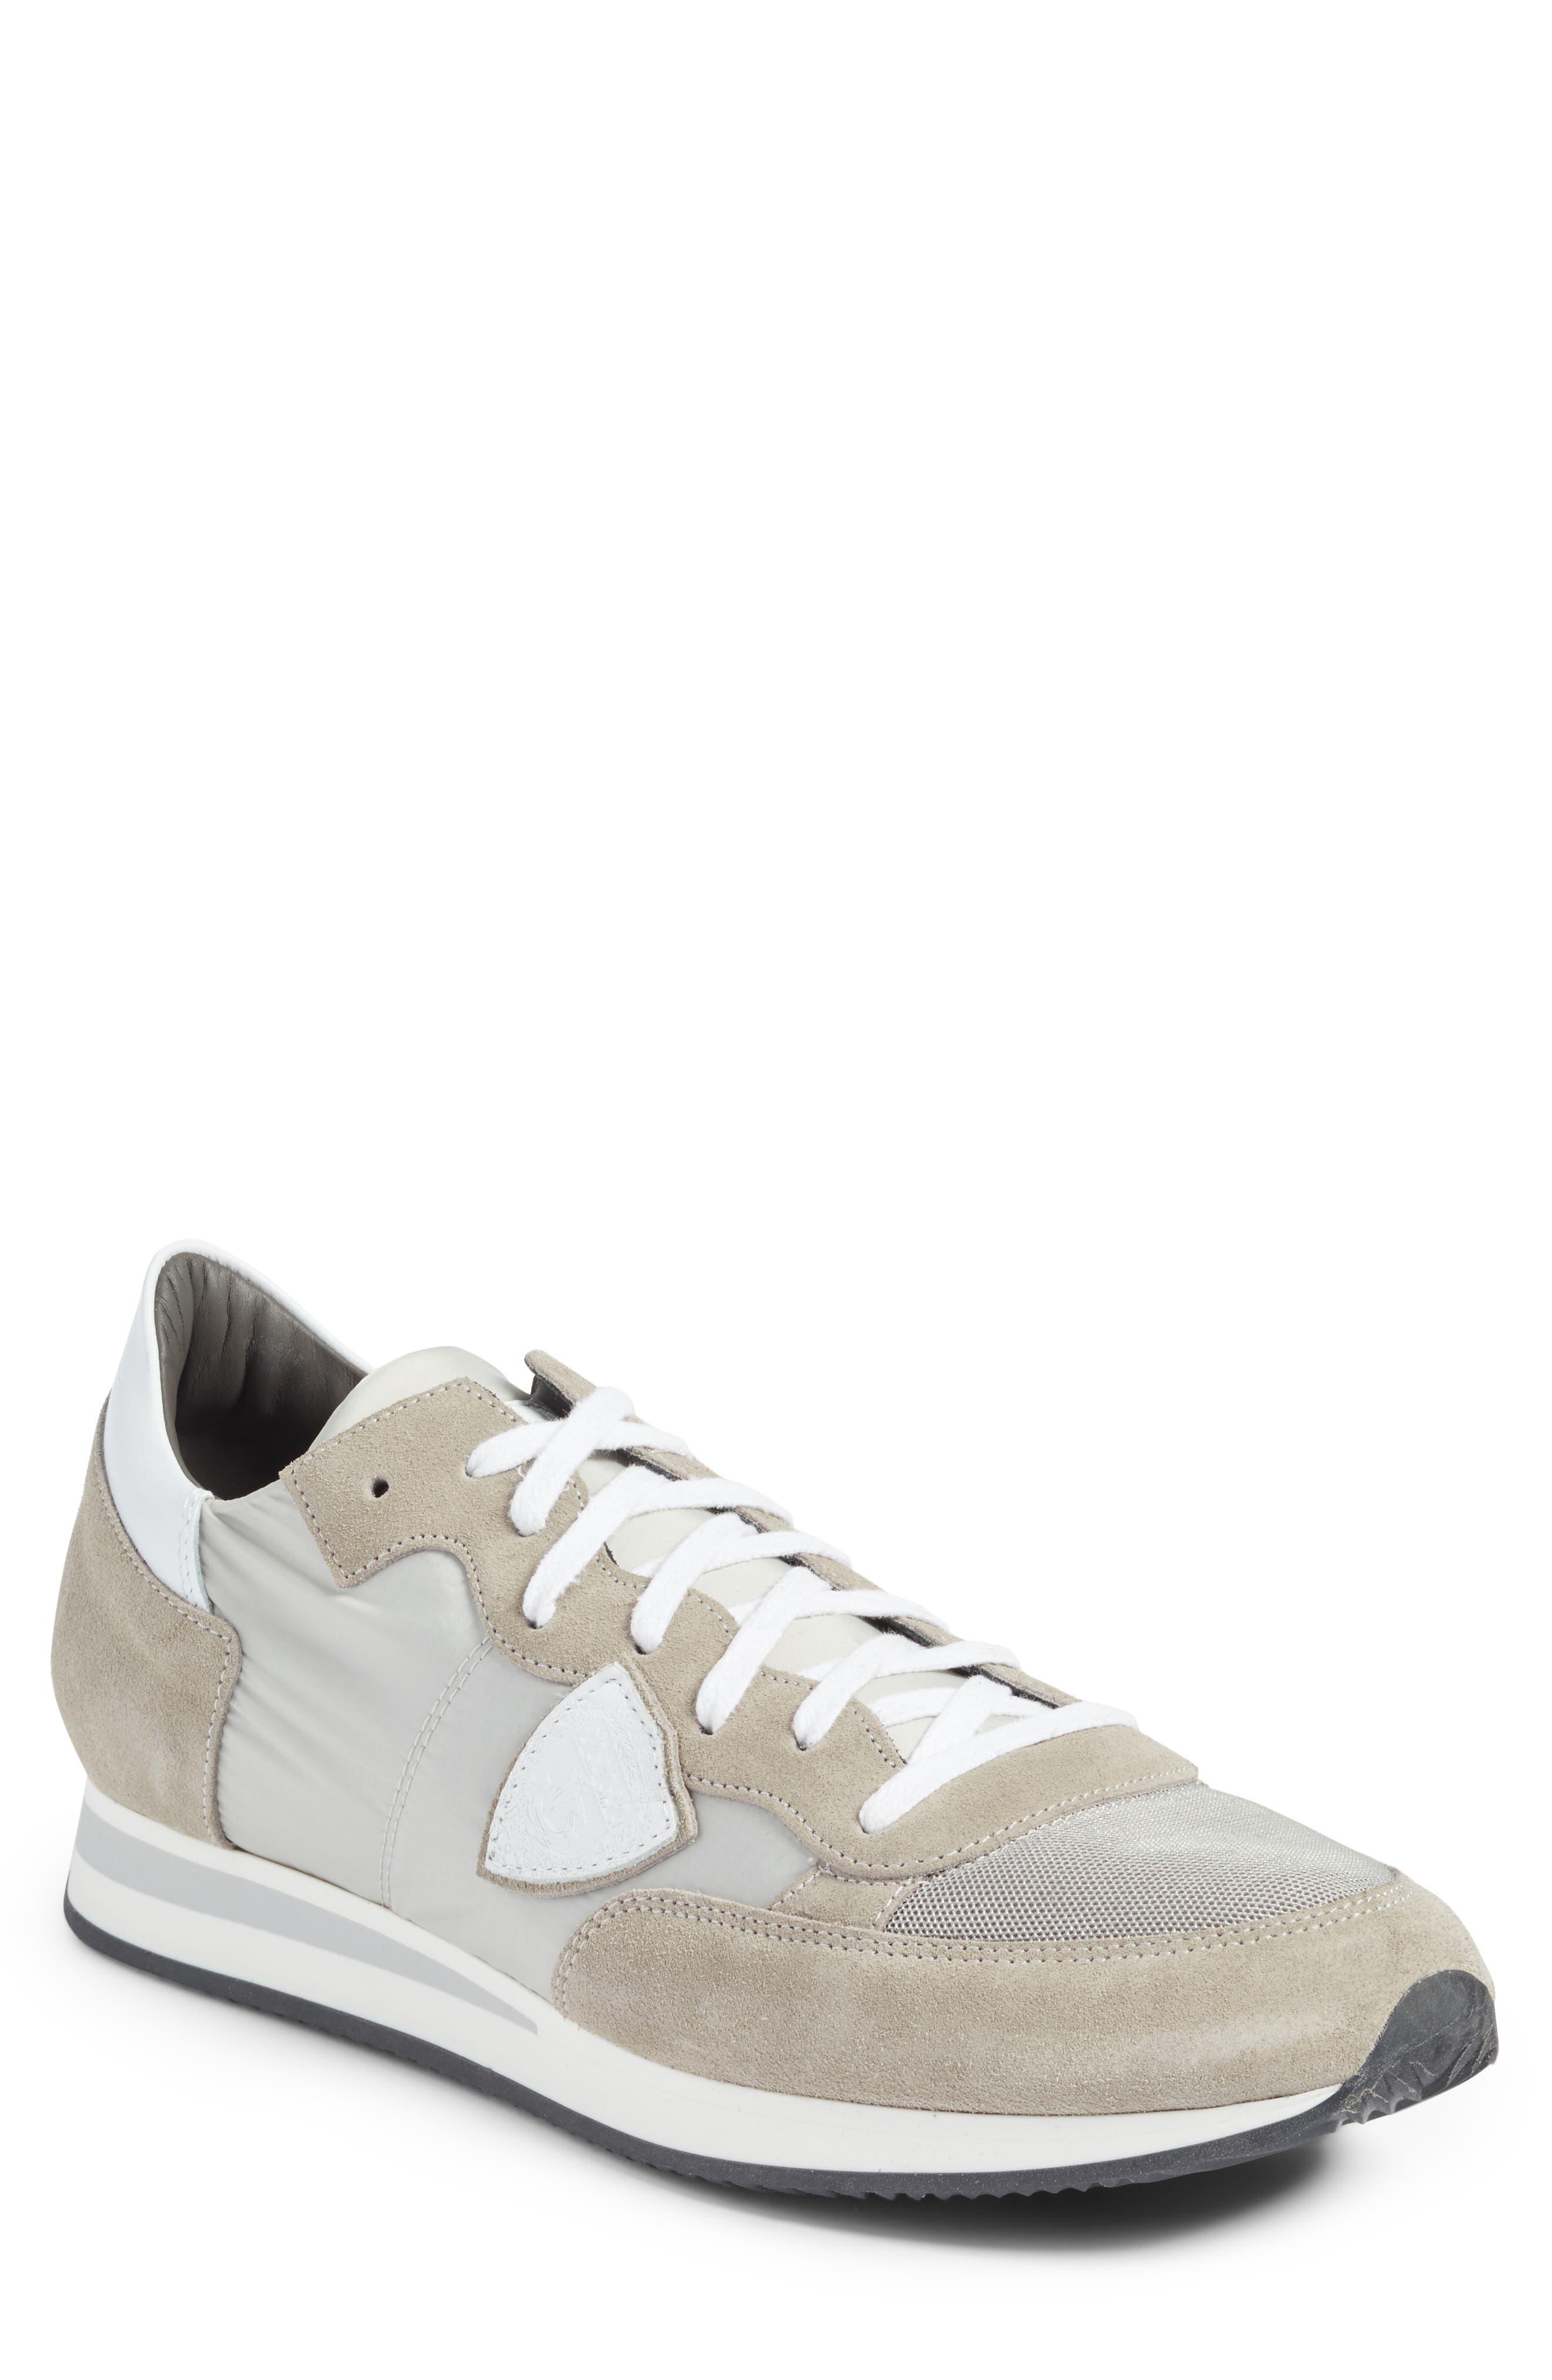 Philippe model Men's Tropez Low Top Sneaker 1trH7y